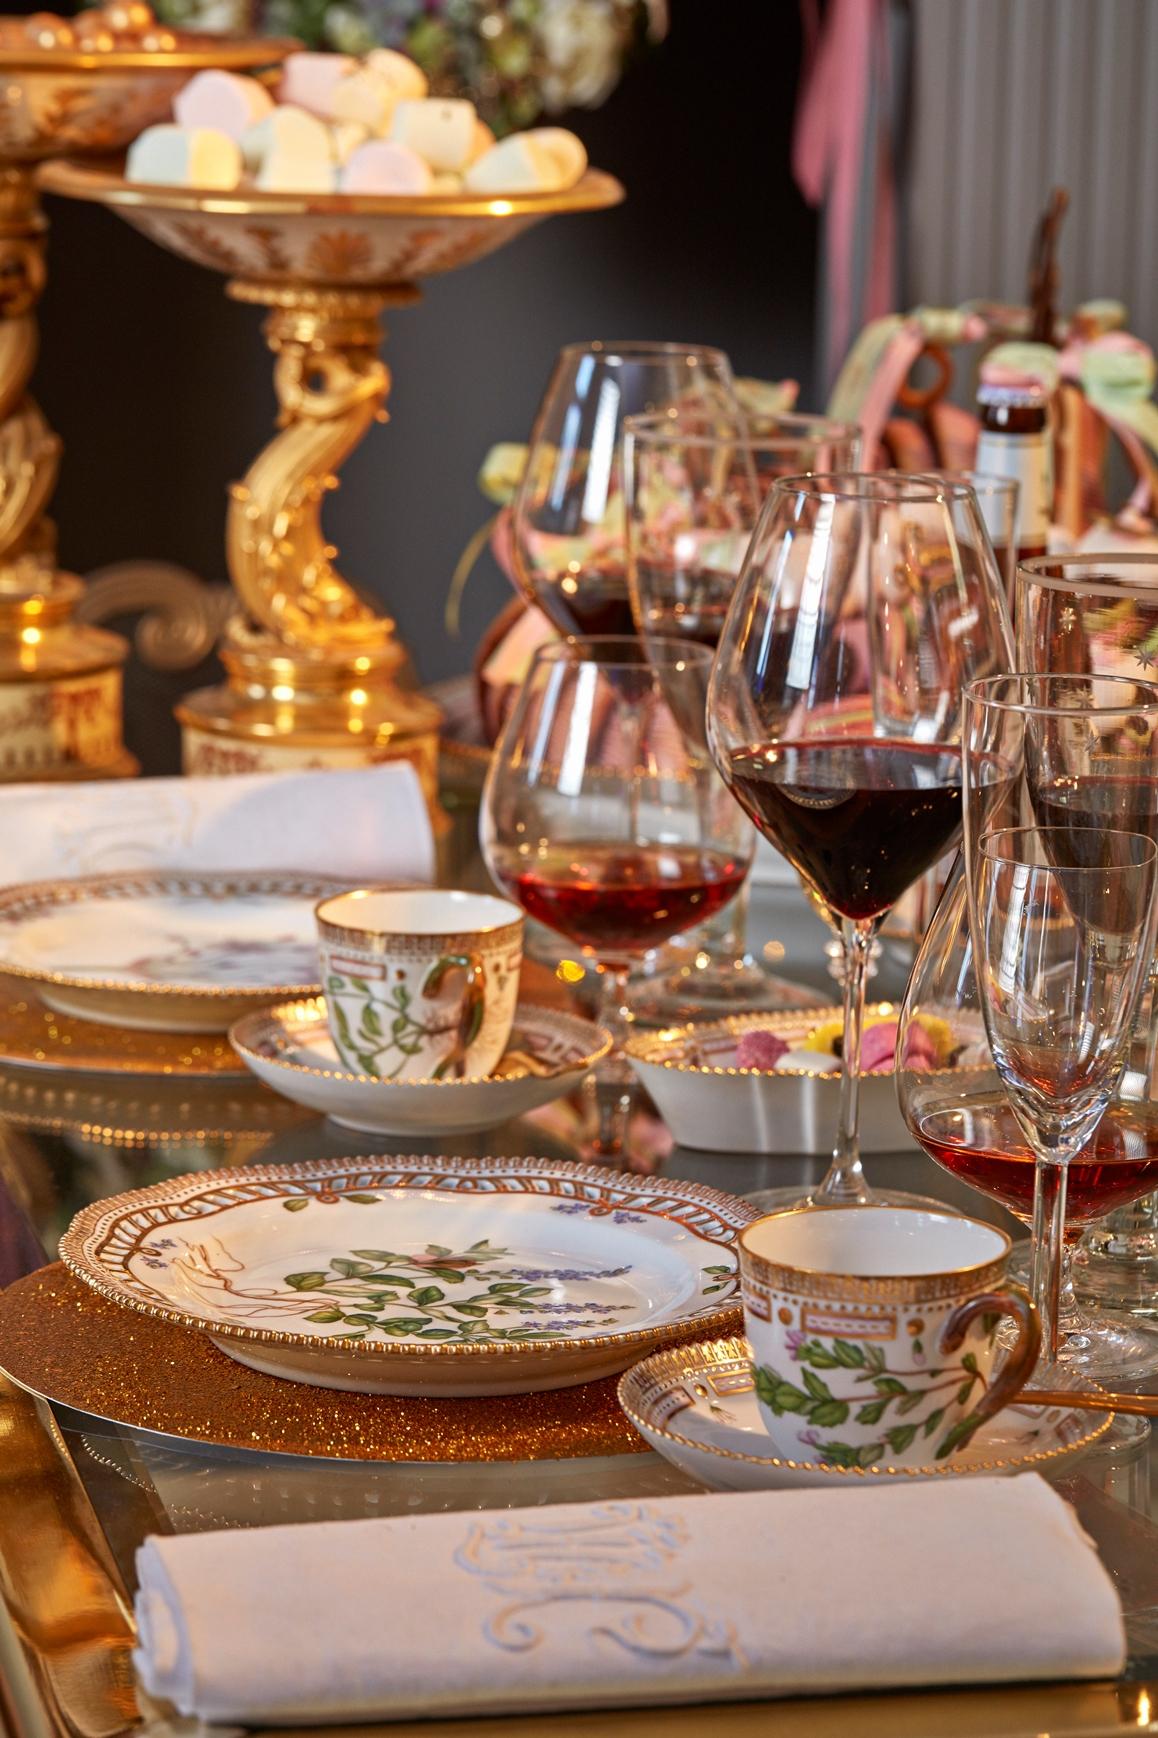 第53屆皇家哥本哈根「名人聖誕餐桌」       笑看丹麥黃金海岸線興衰的勢利